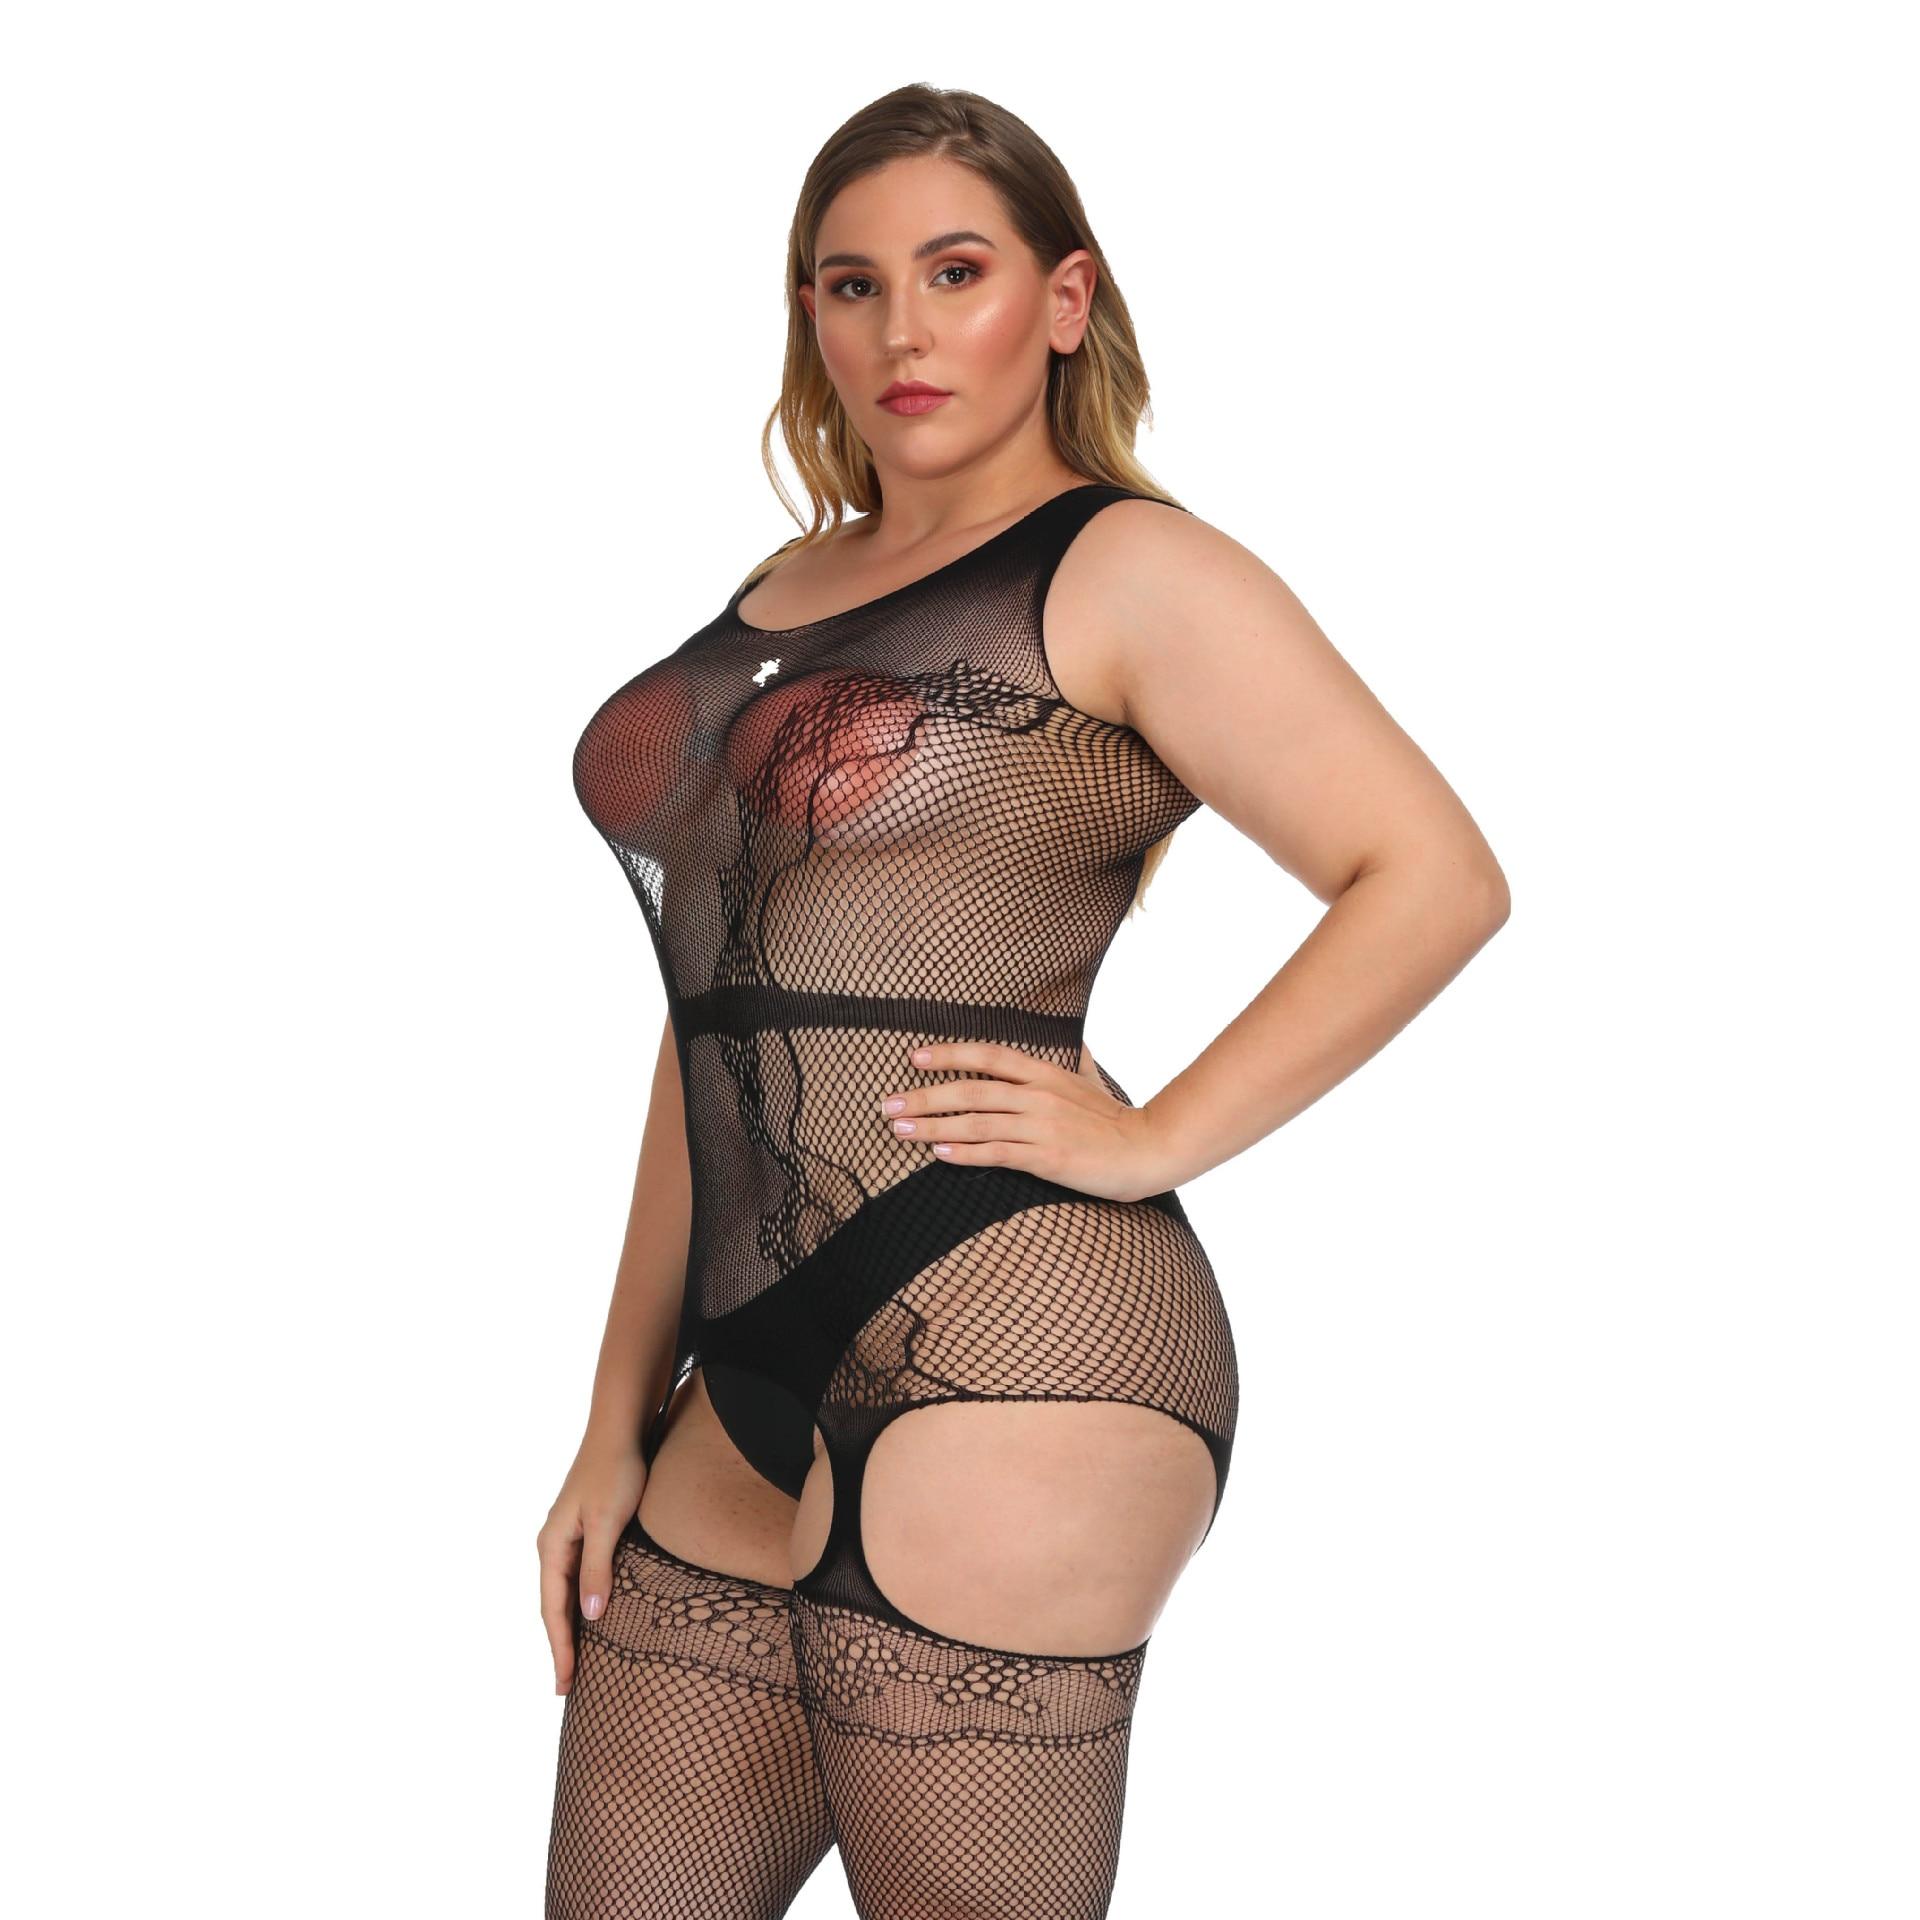 Women Lingerie Jumpsuit Stocking Babydoll Sleepwear Underwear Bodysuit Plus Size